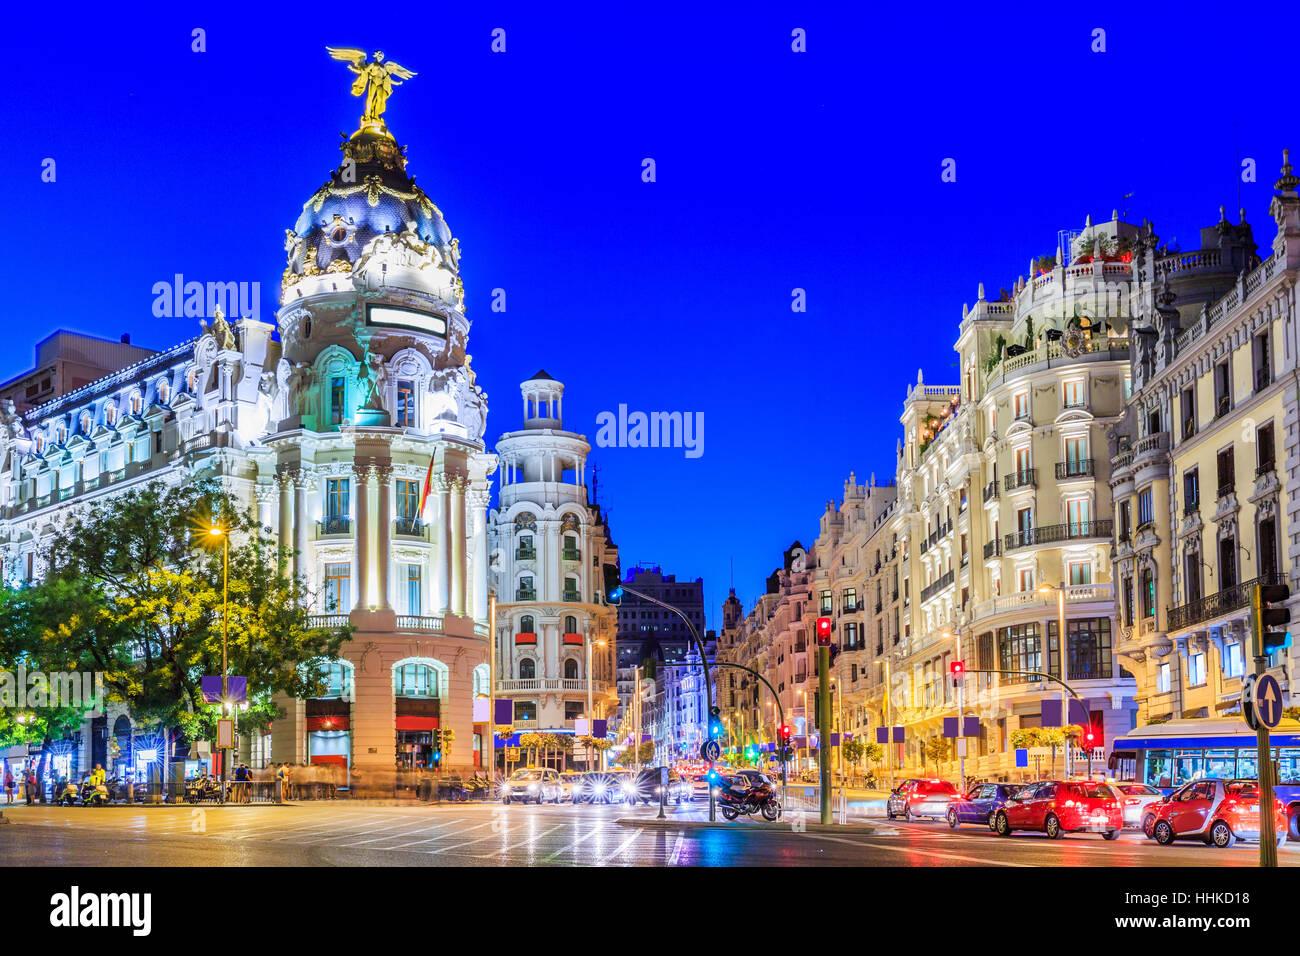 Madrid, España. La Gran Vía, la calle principal de compras en penumbra. Imagen De Stock